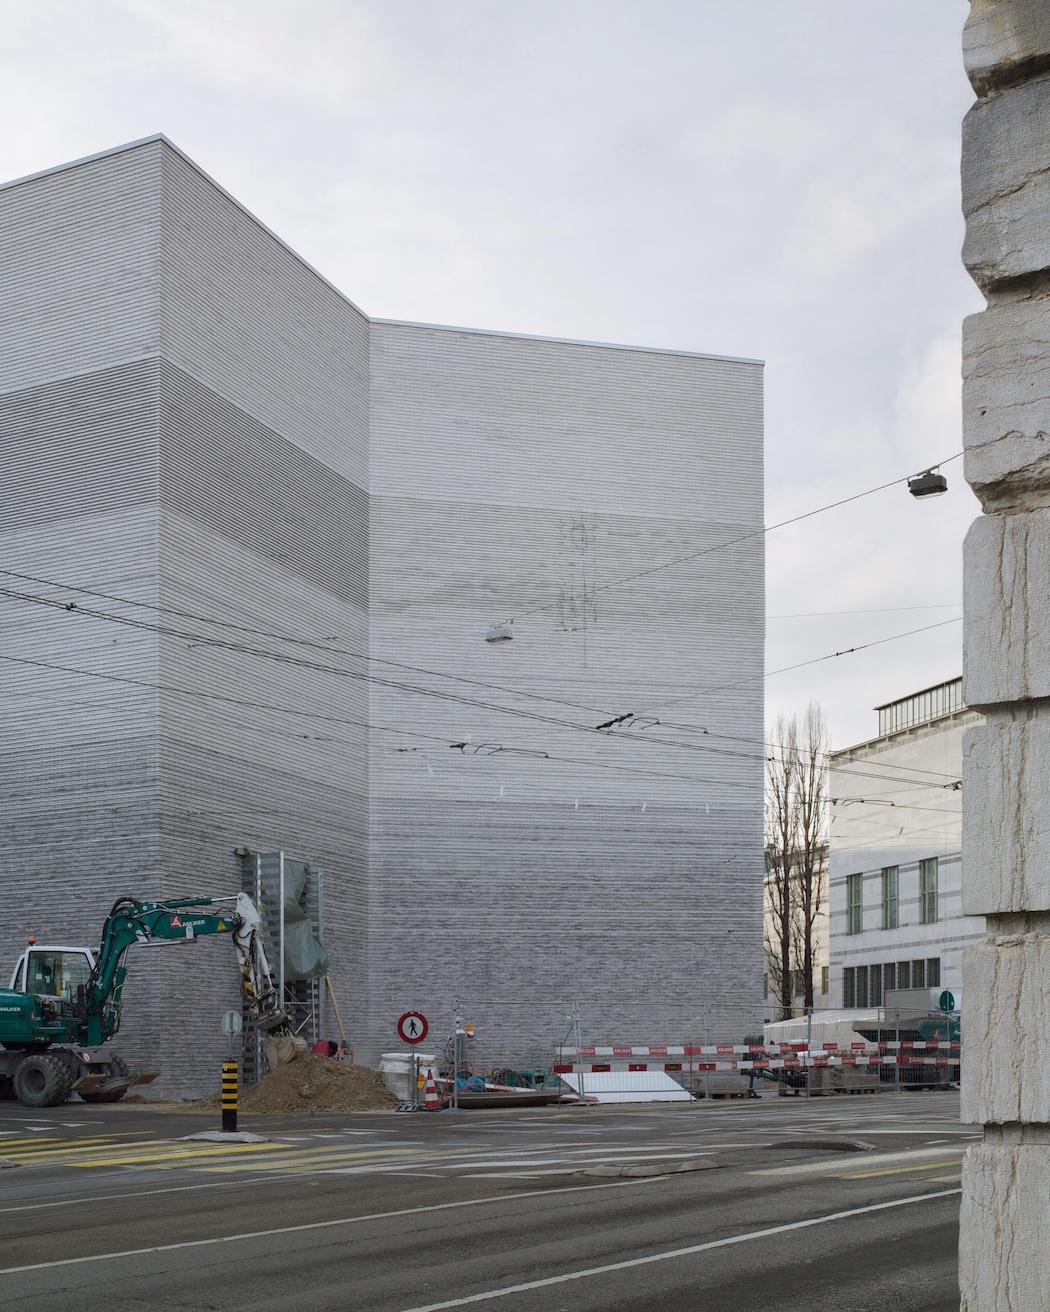 Kunstmuseum Basel | Neubau; Kunstmuseum Basel | nouveau bâtiment; Kunstmuseum Basel | new building; 2016/01